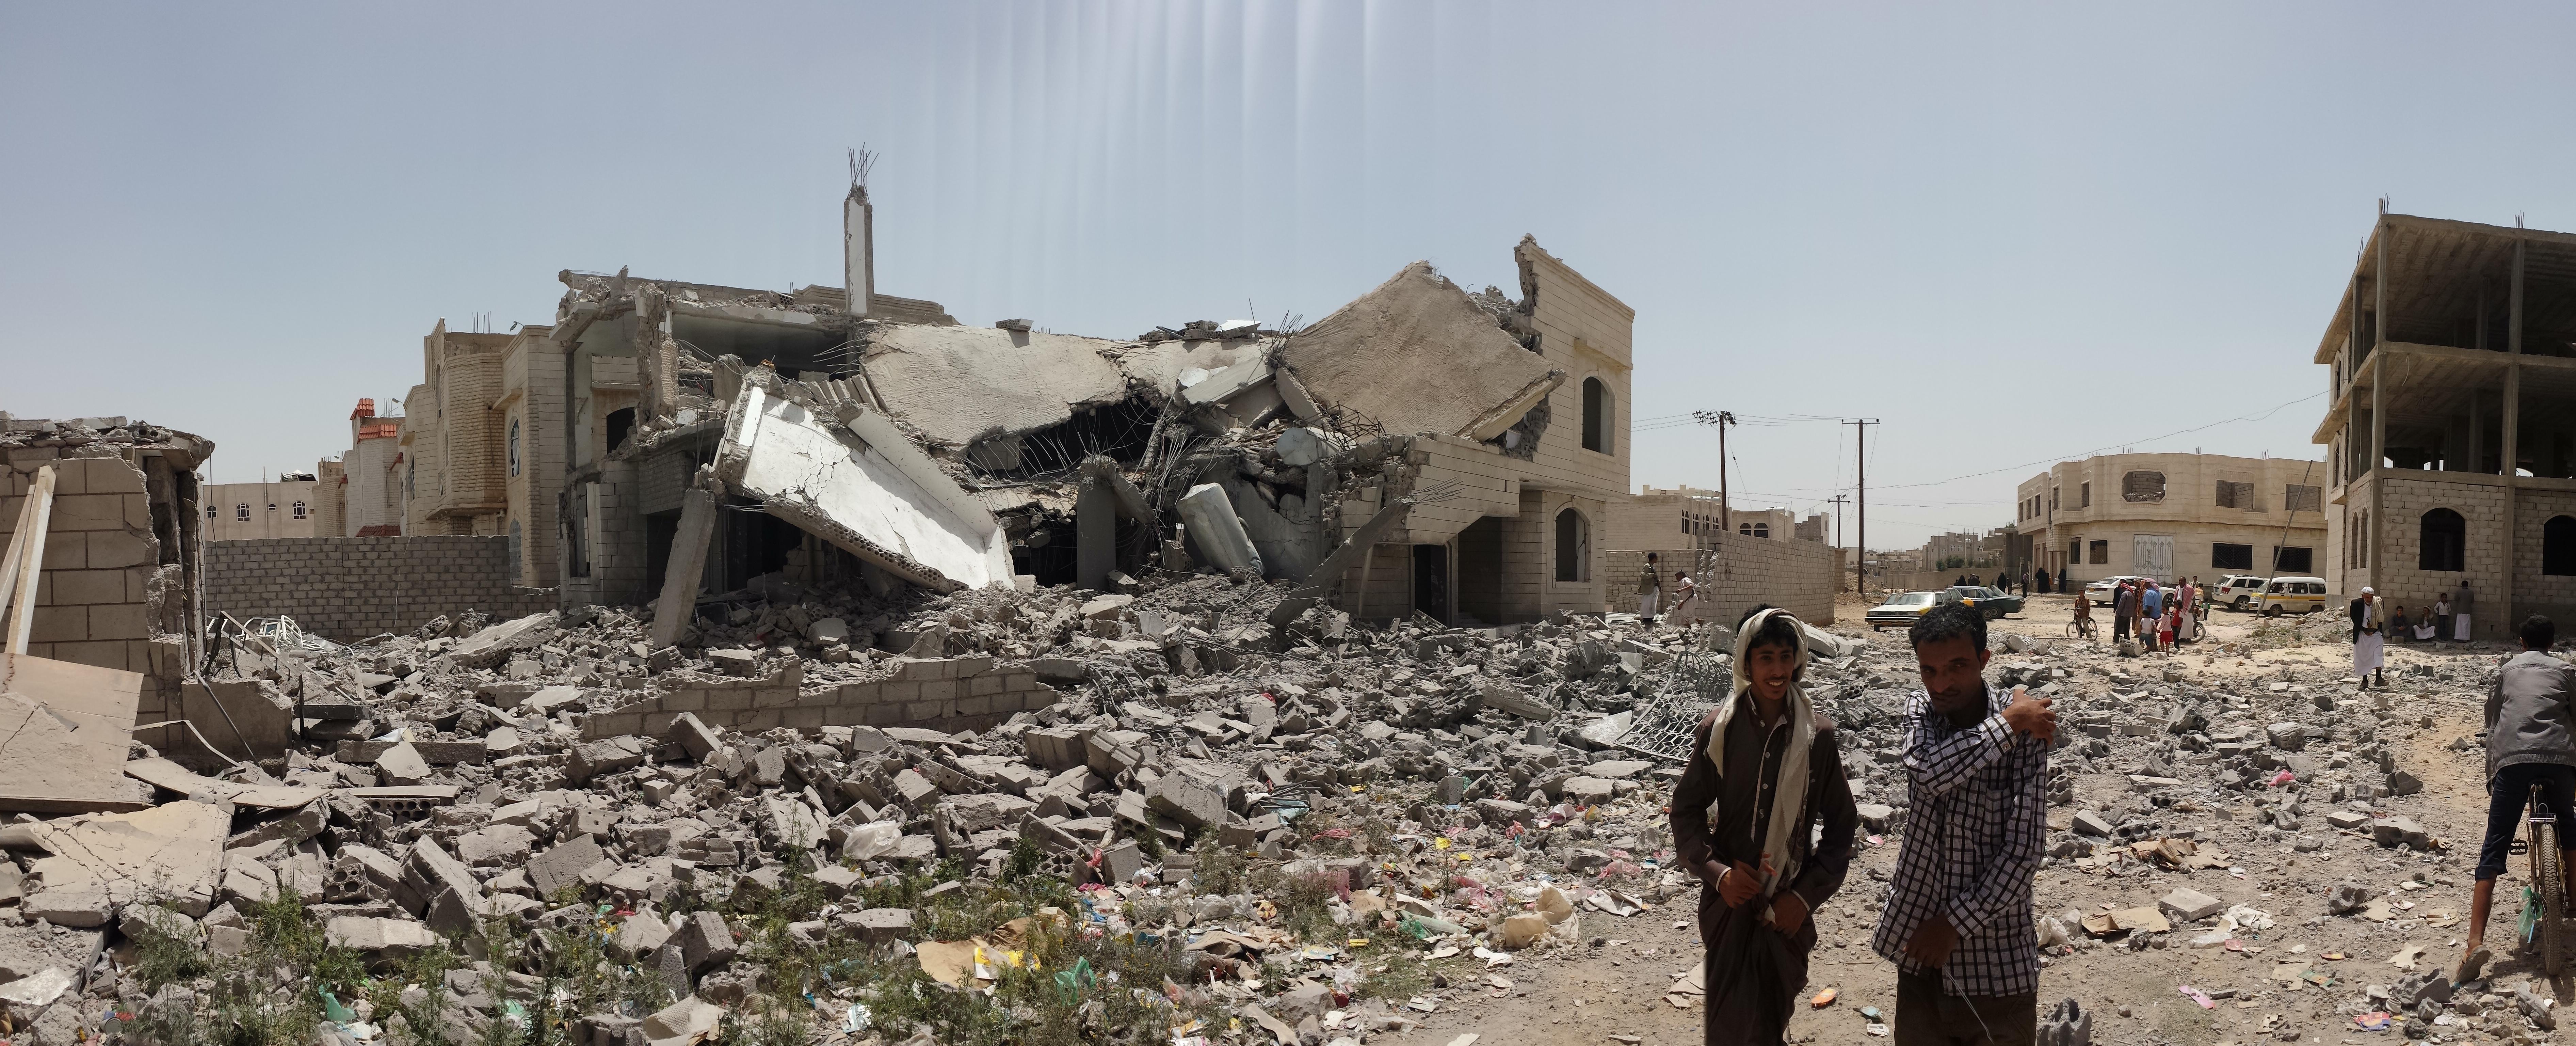 Zerstörungen im Süden Sana'as nach Luftangriff (Wikipedia)